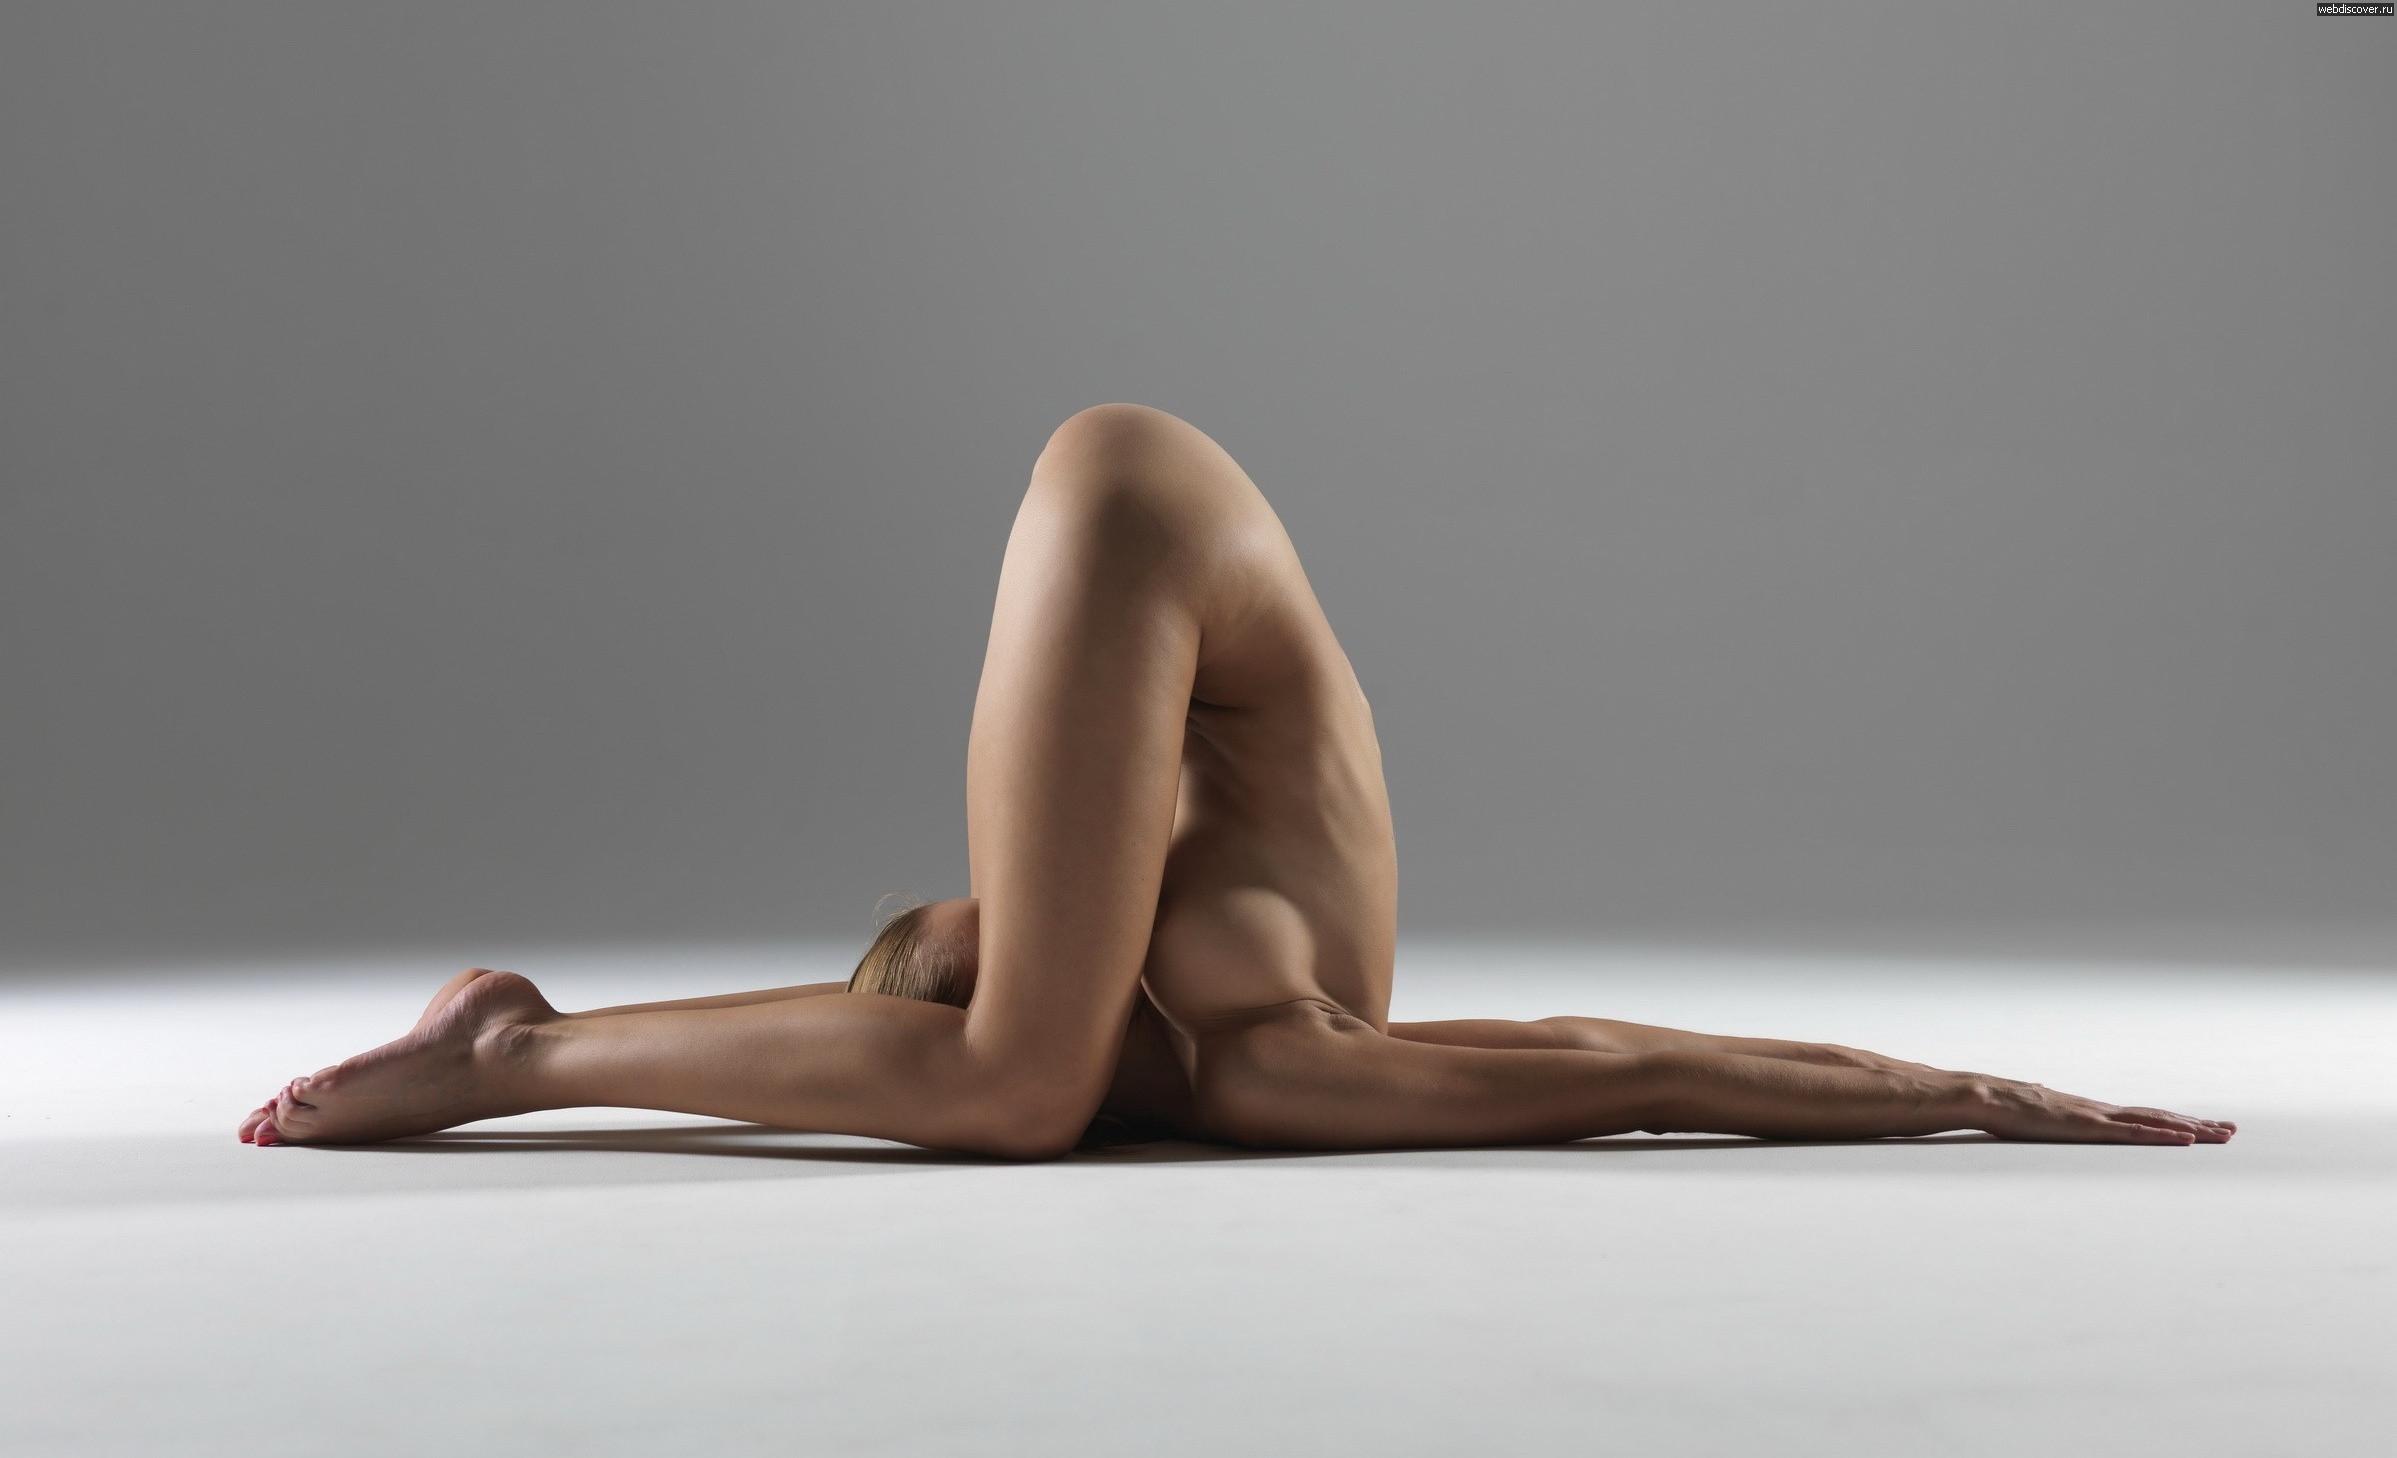 Секс фото необычные позы 25 фотография